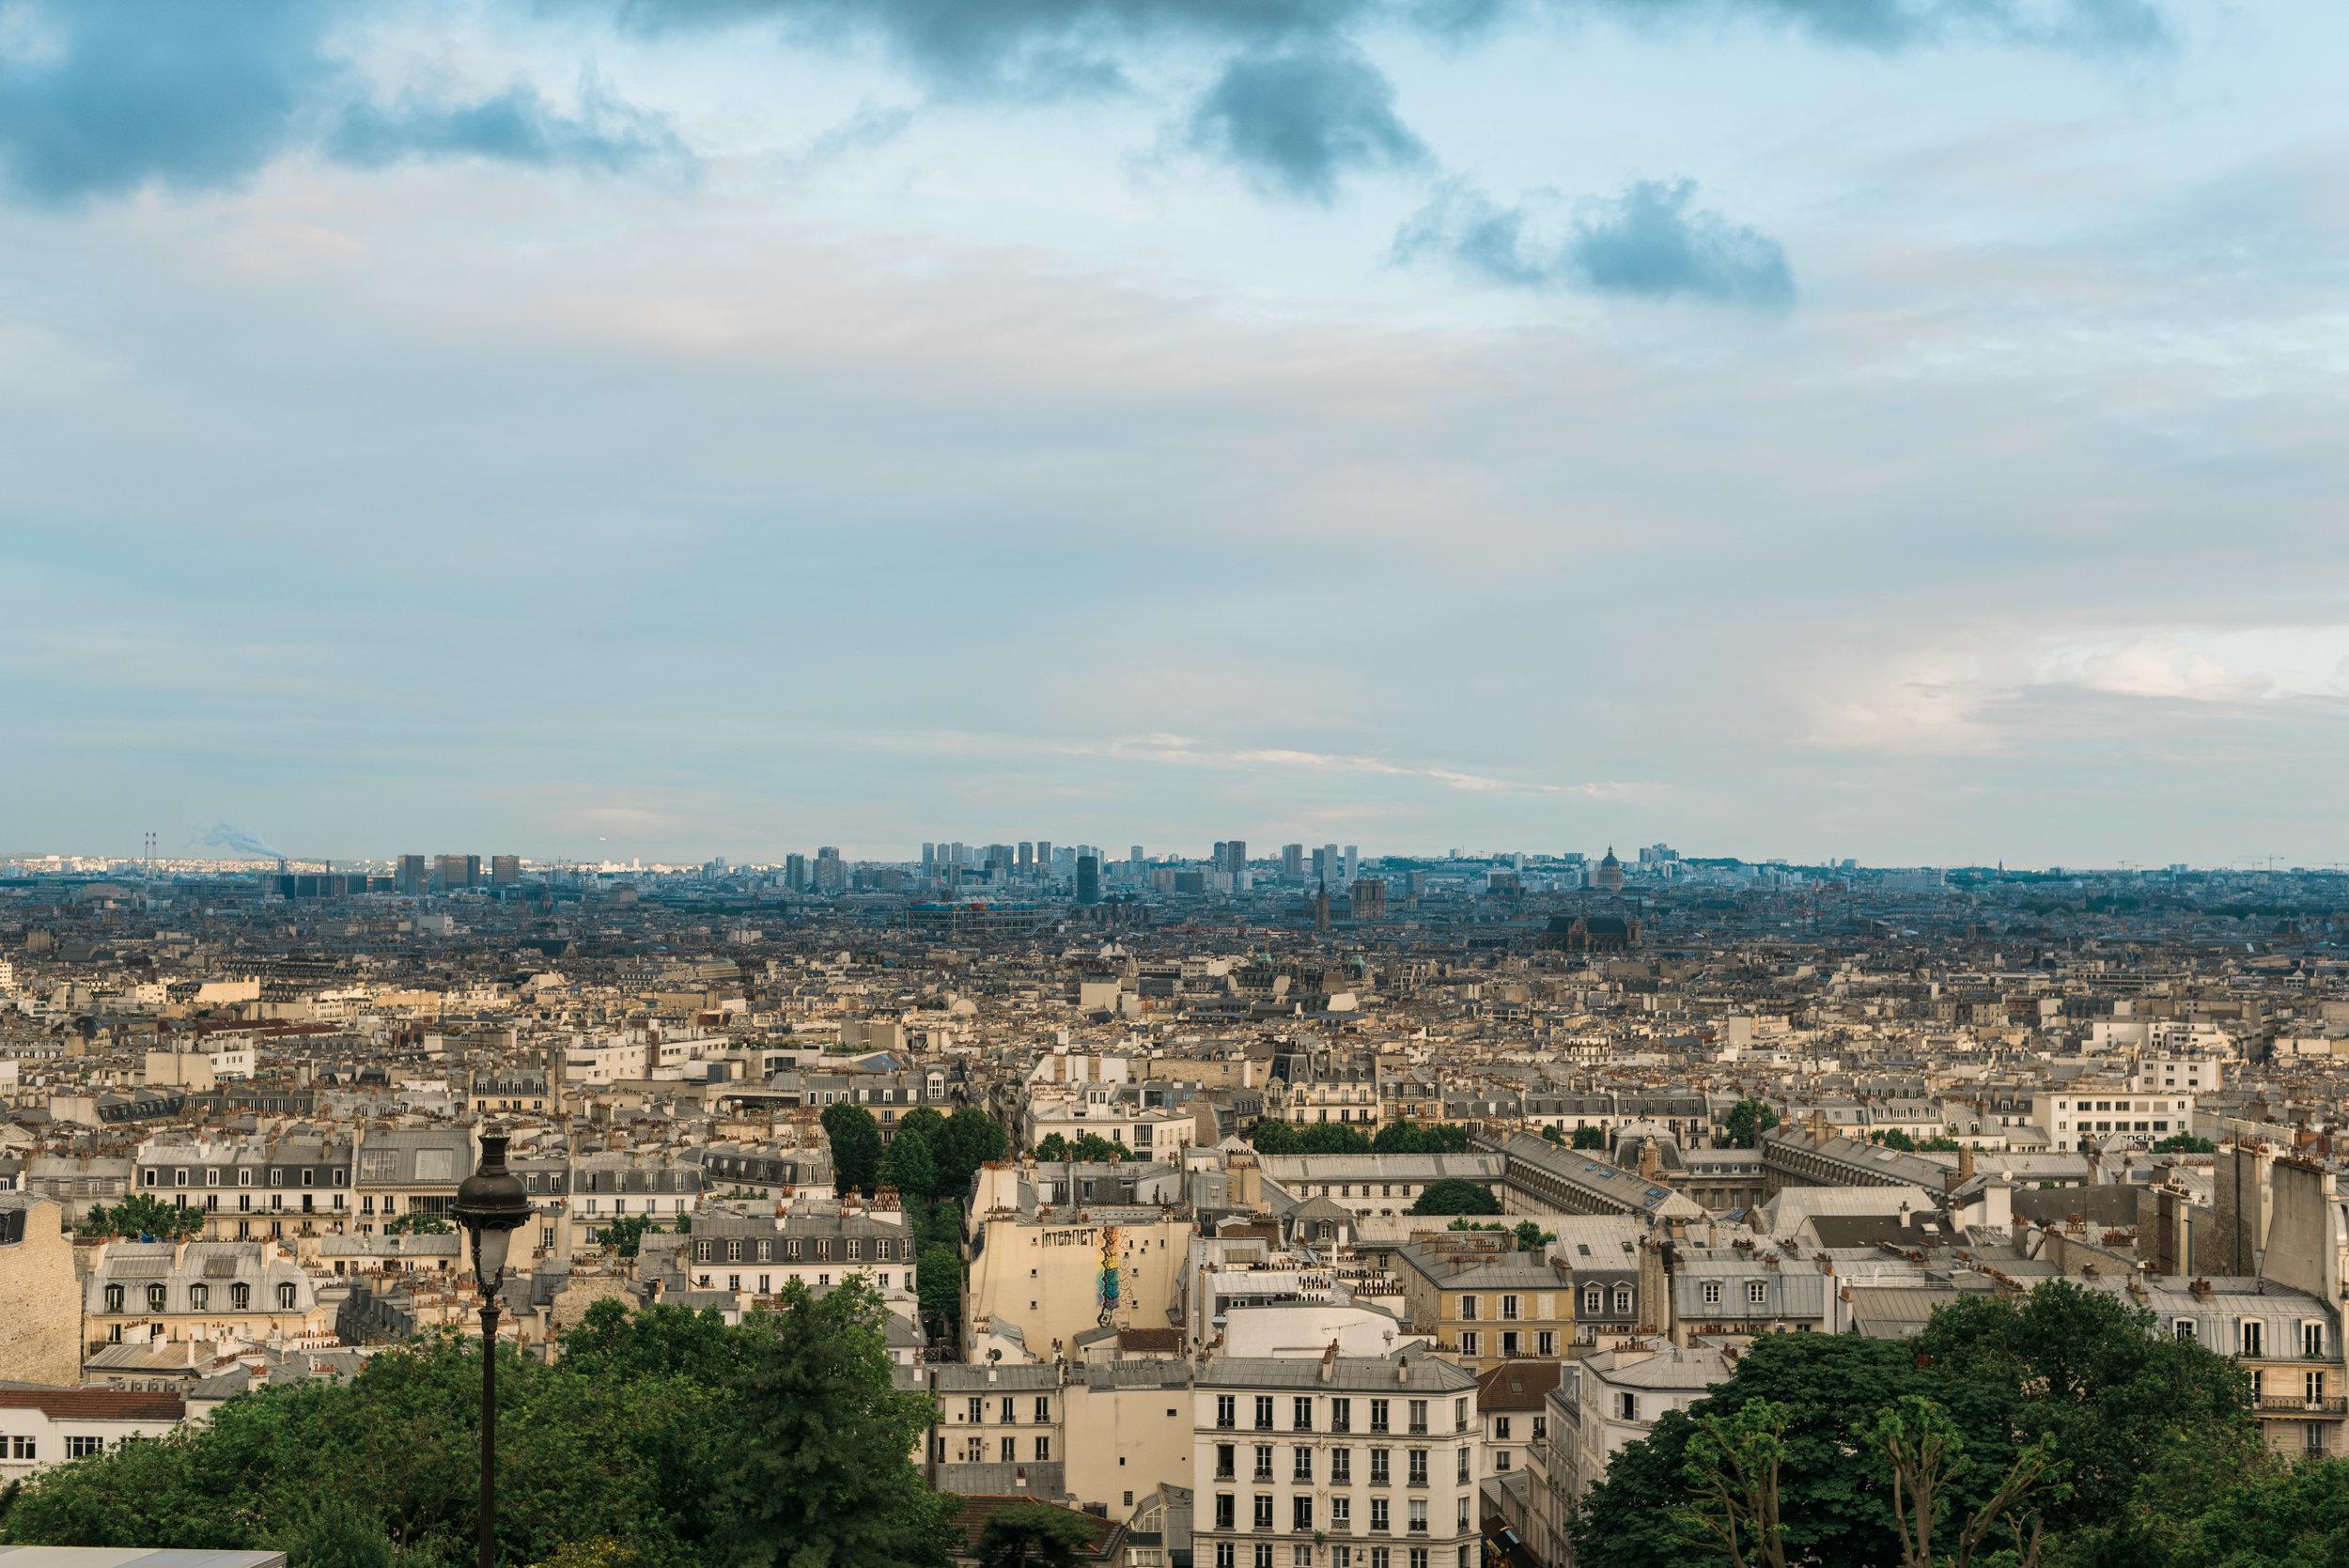 montmatre paris france travel photographer